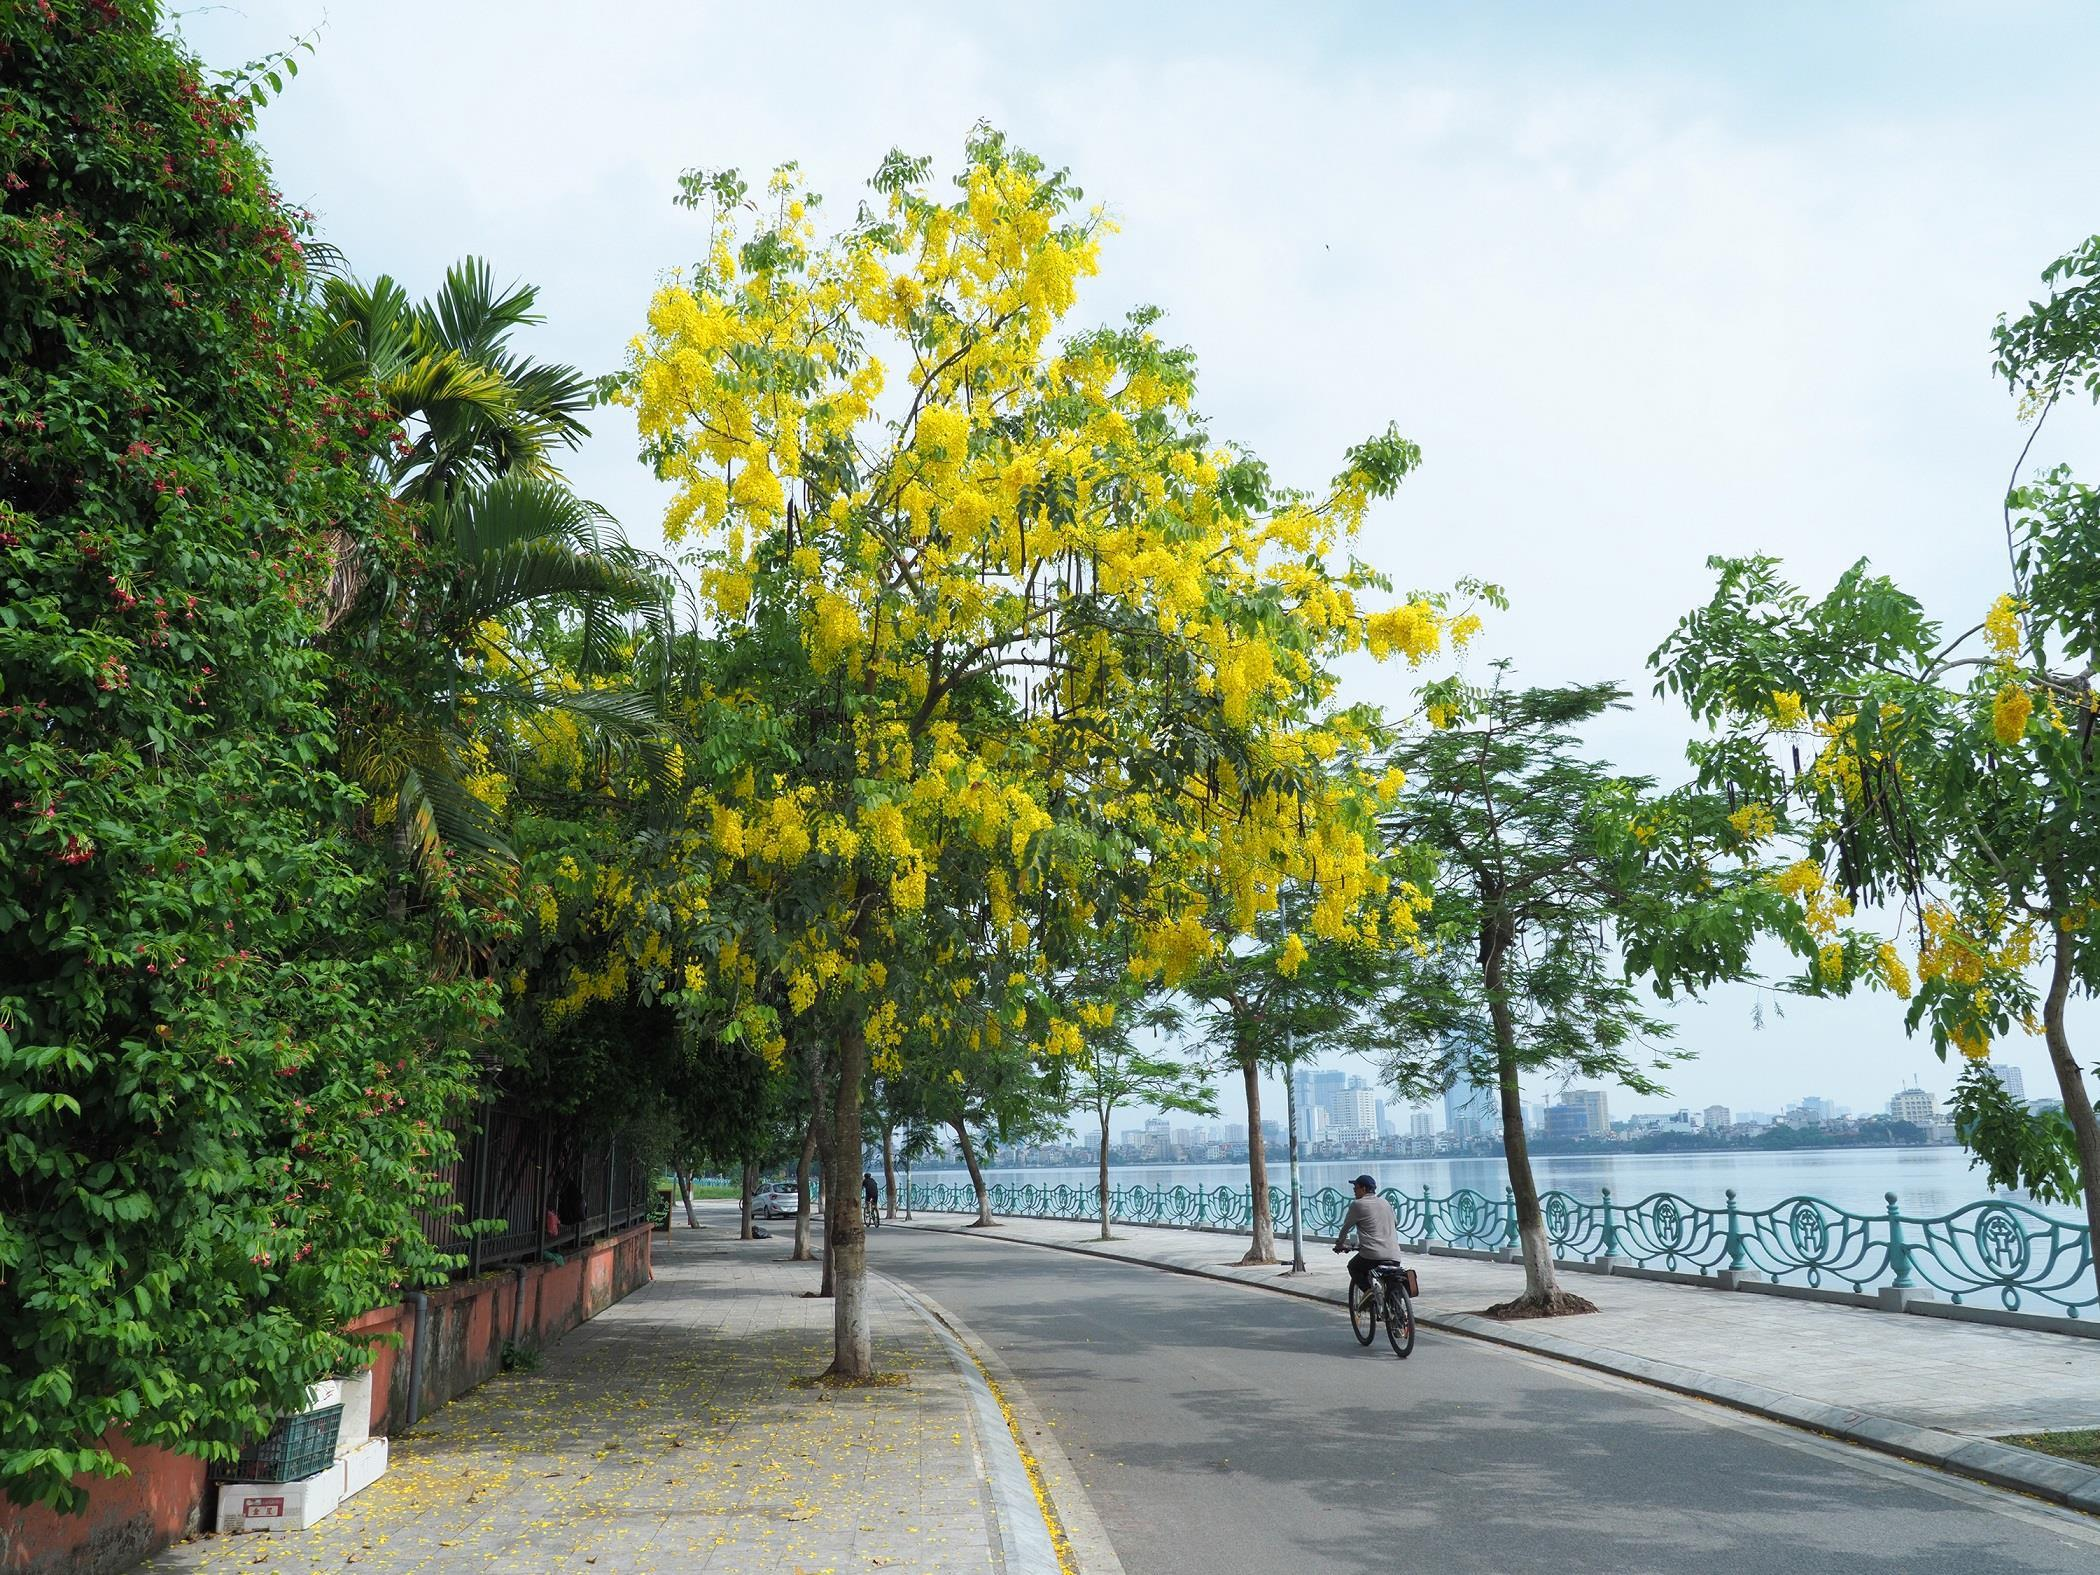 Hà Nội rực rỡ trong những sắc hoa mùa hè Ảnh 37